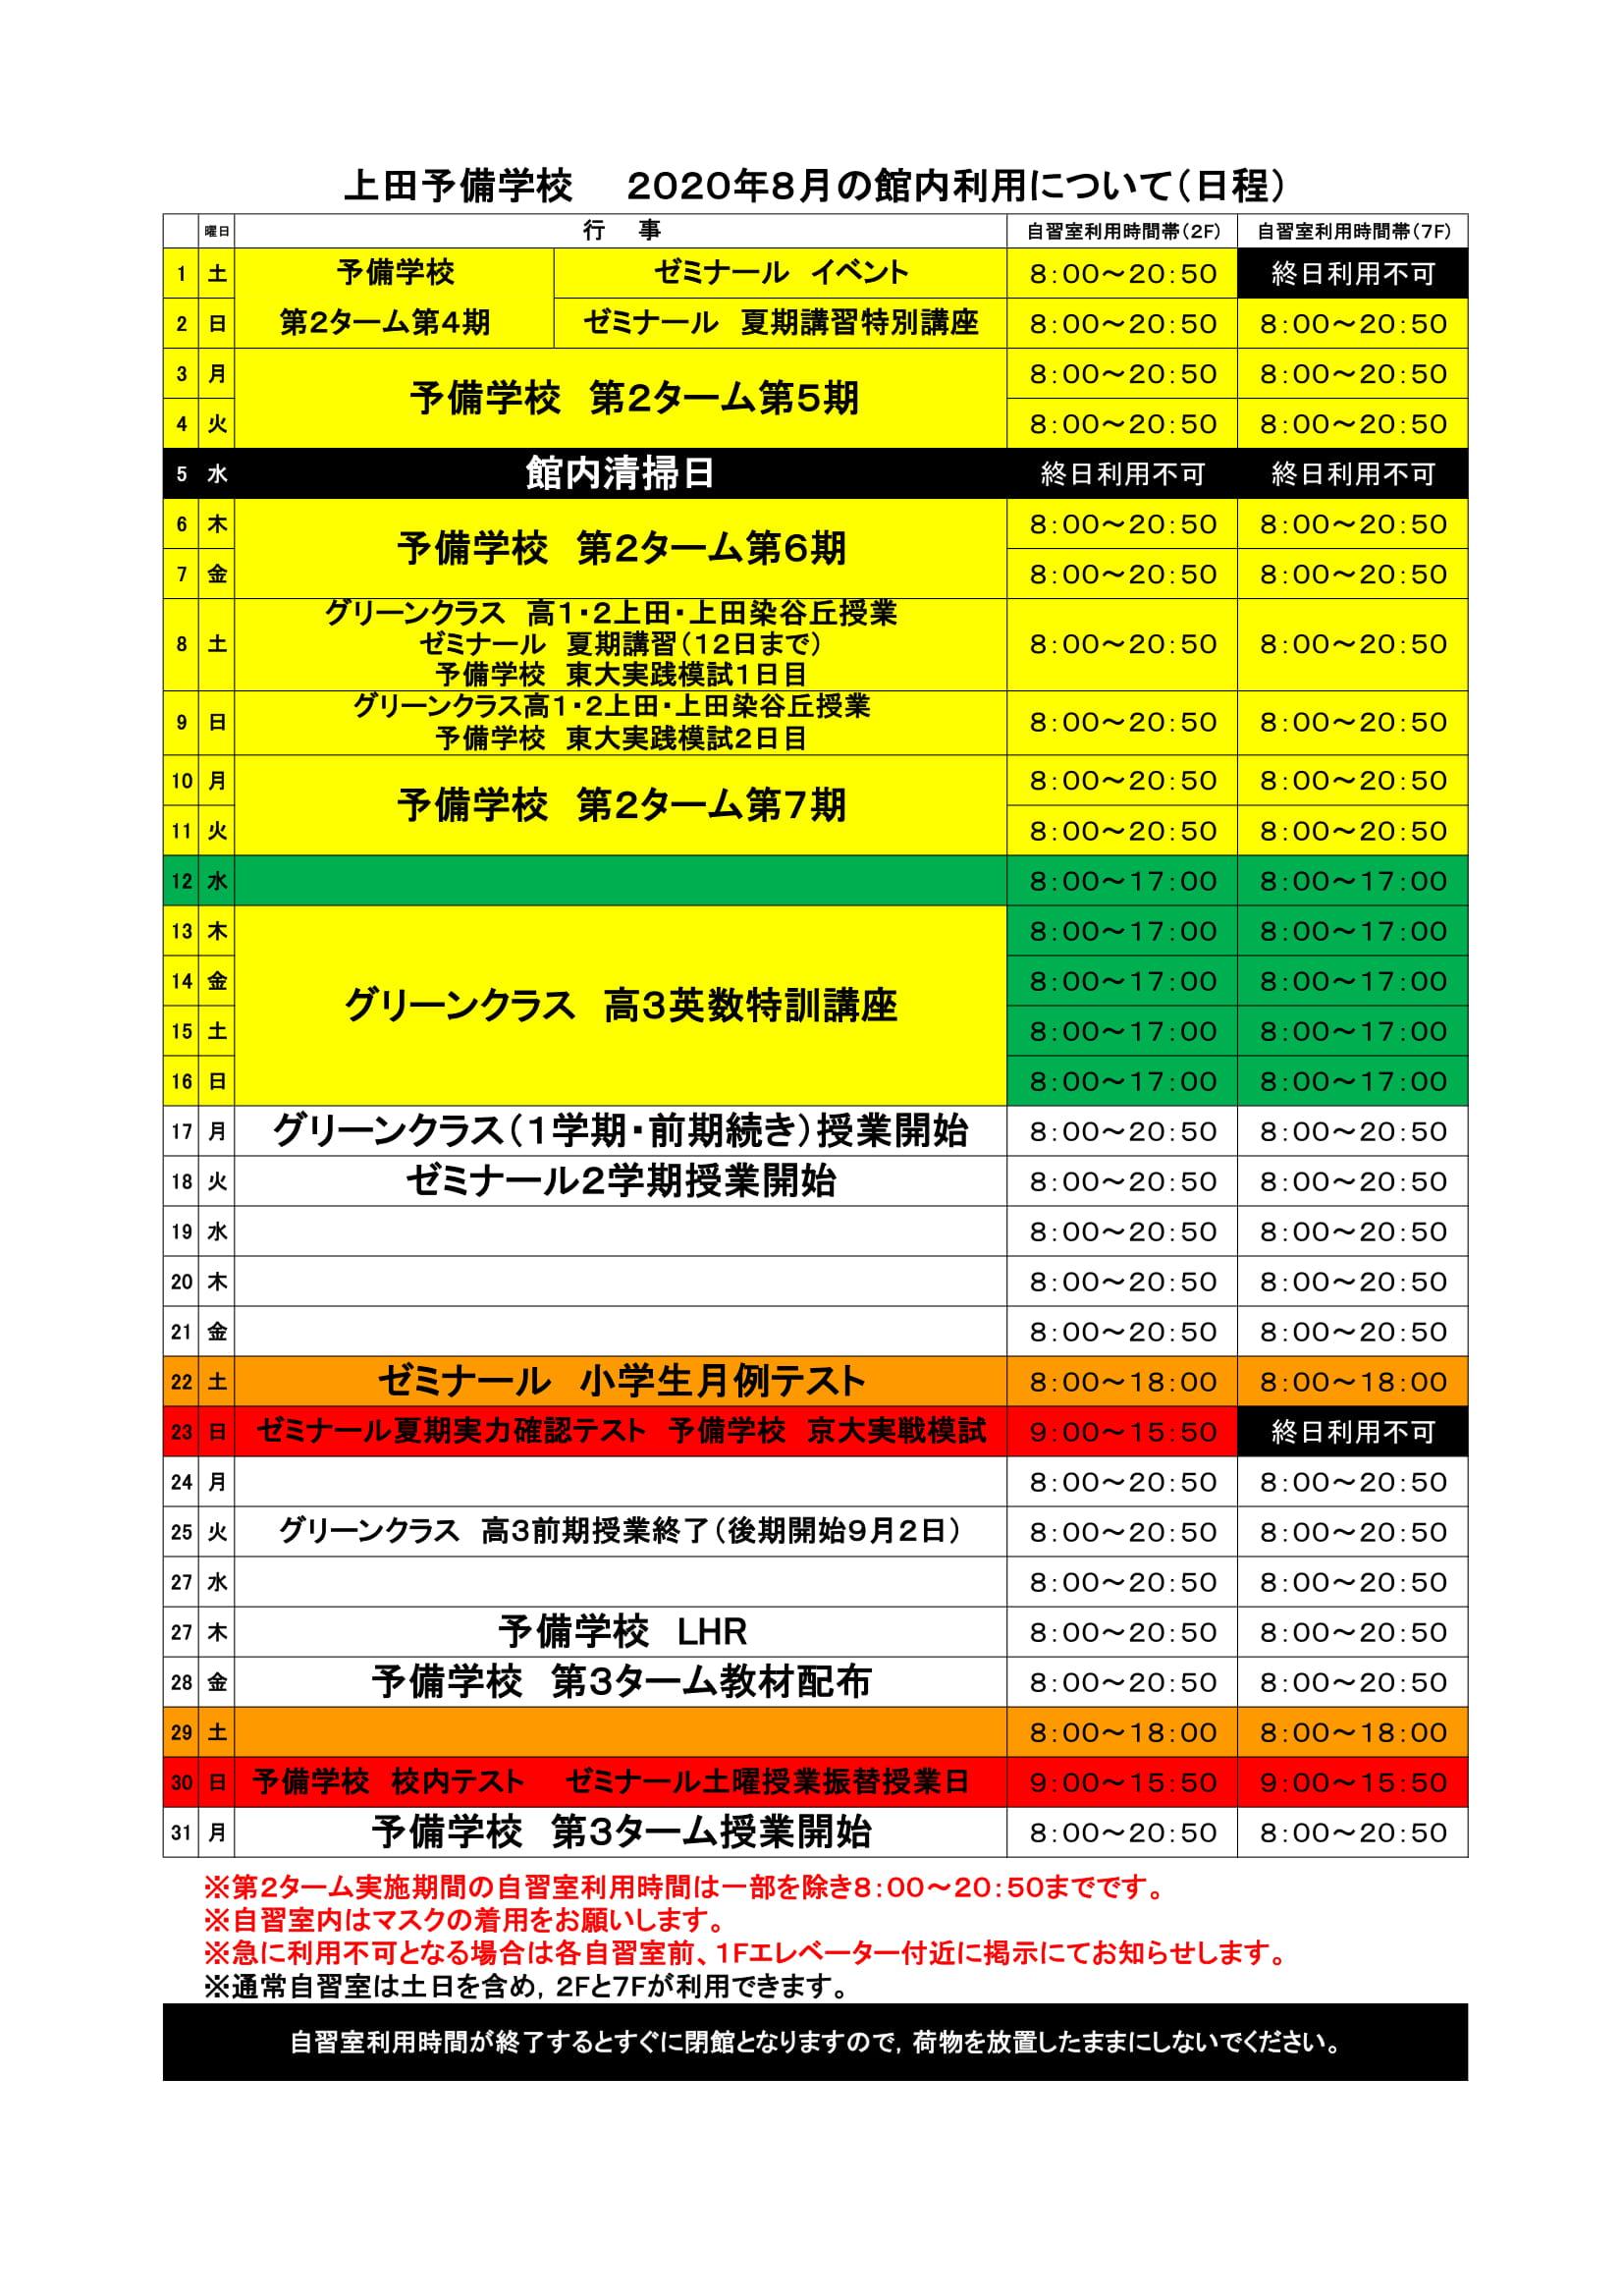 自習室利用日程表2020年8月-1